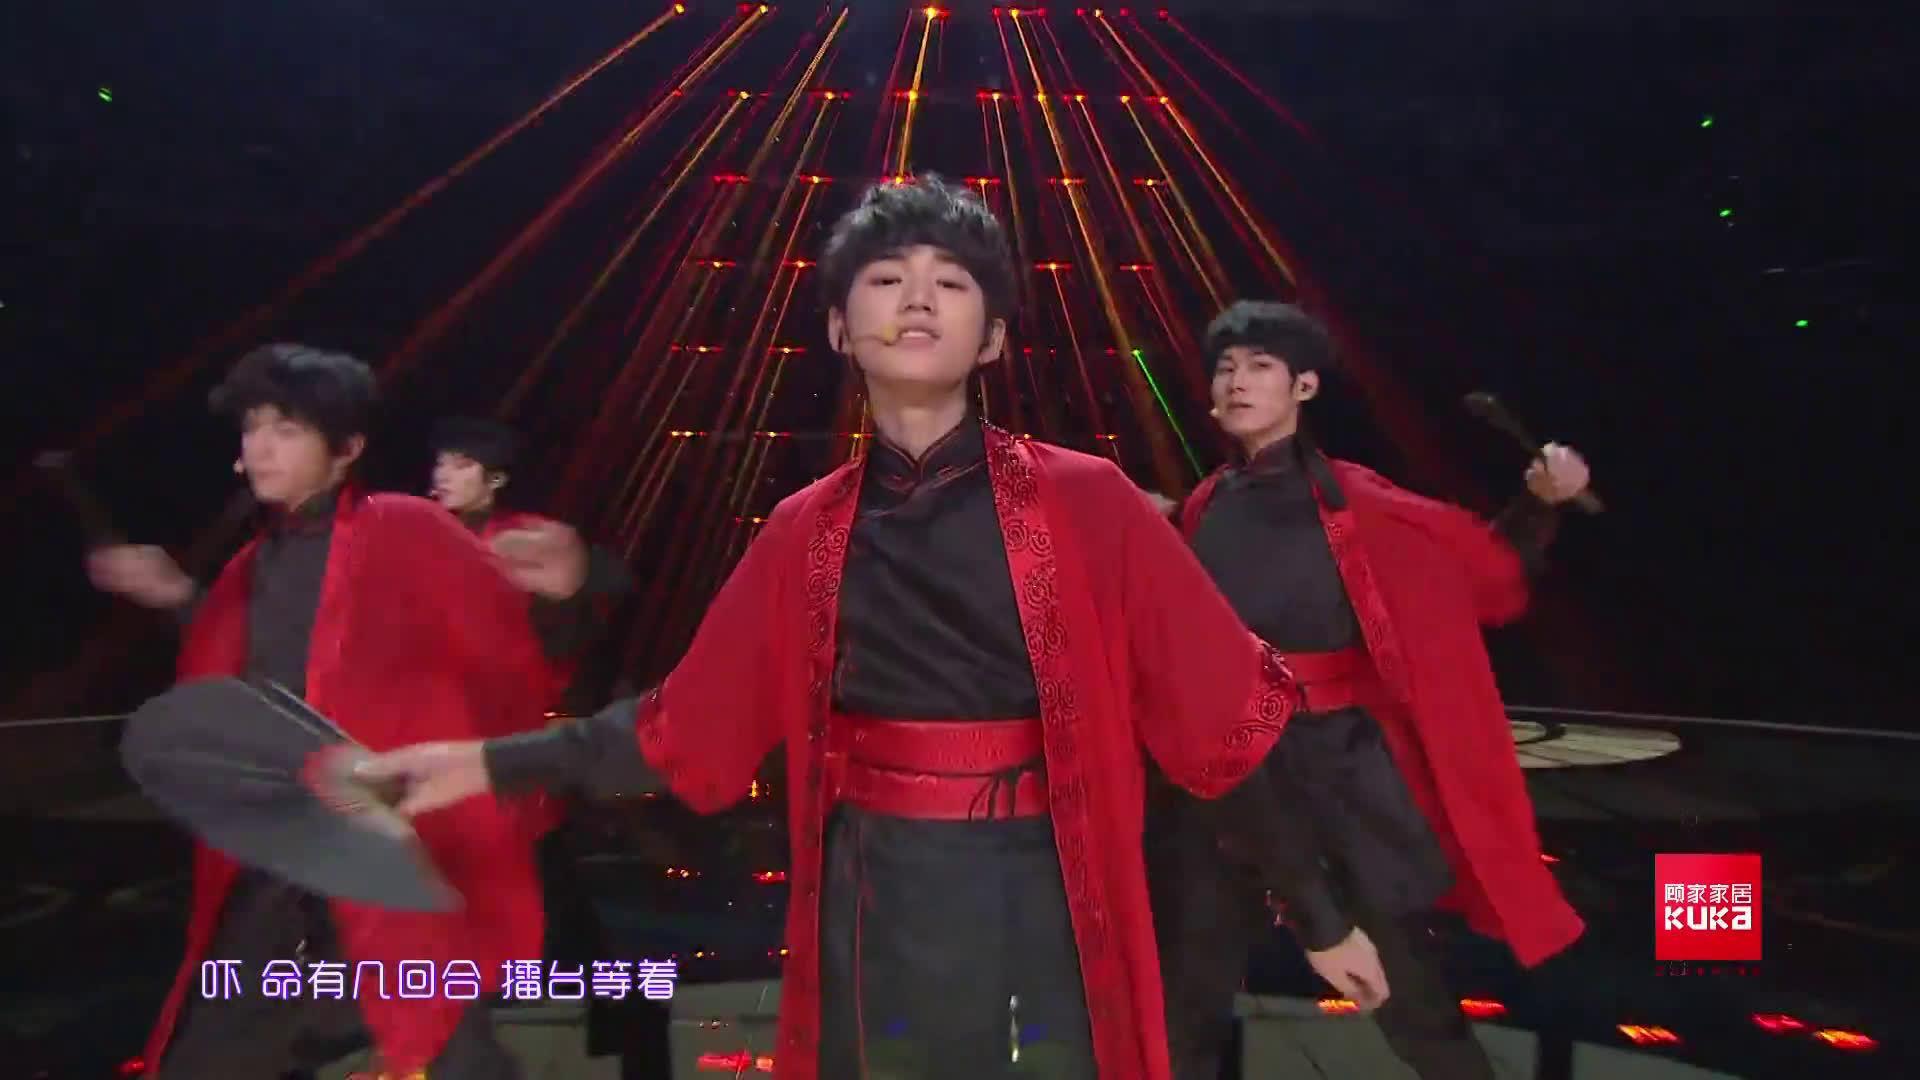 《2019天猫双11狂欢夜》TNT时代少年团演唱《霍元甲》